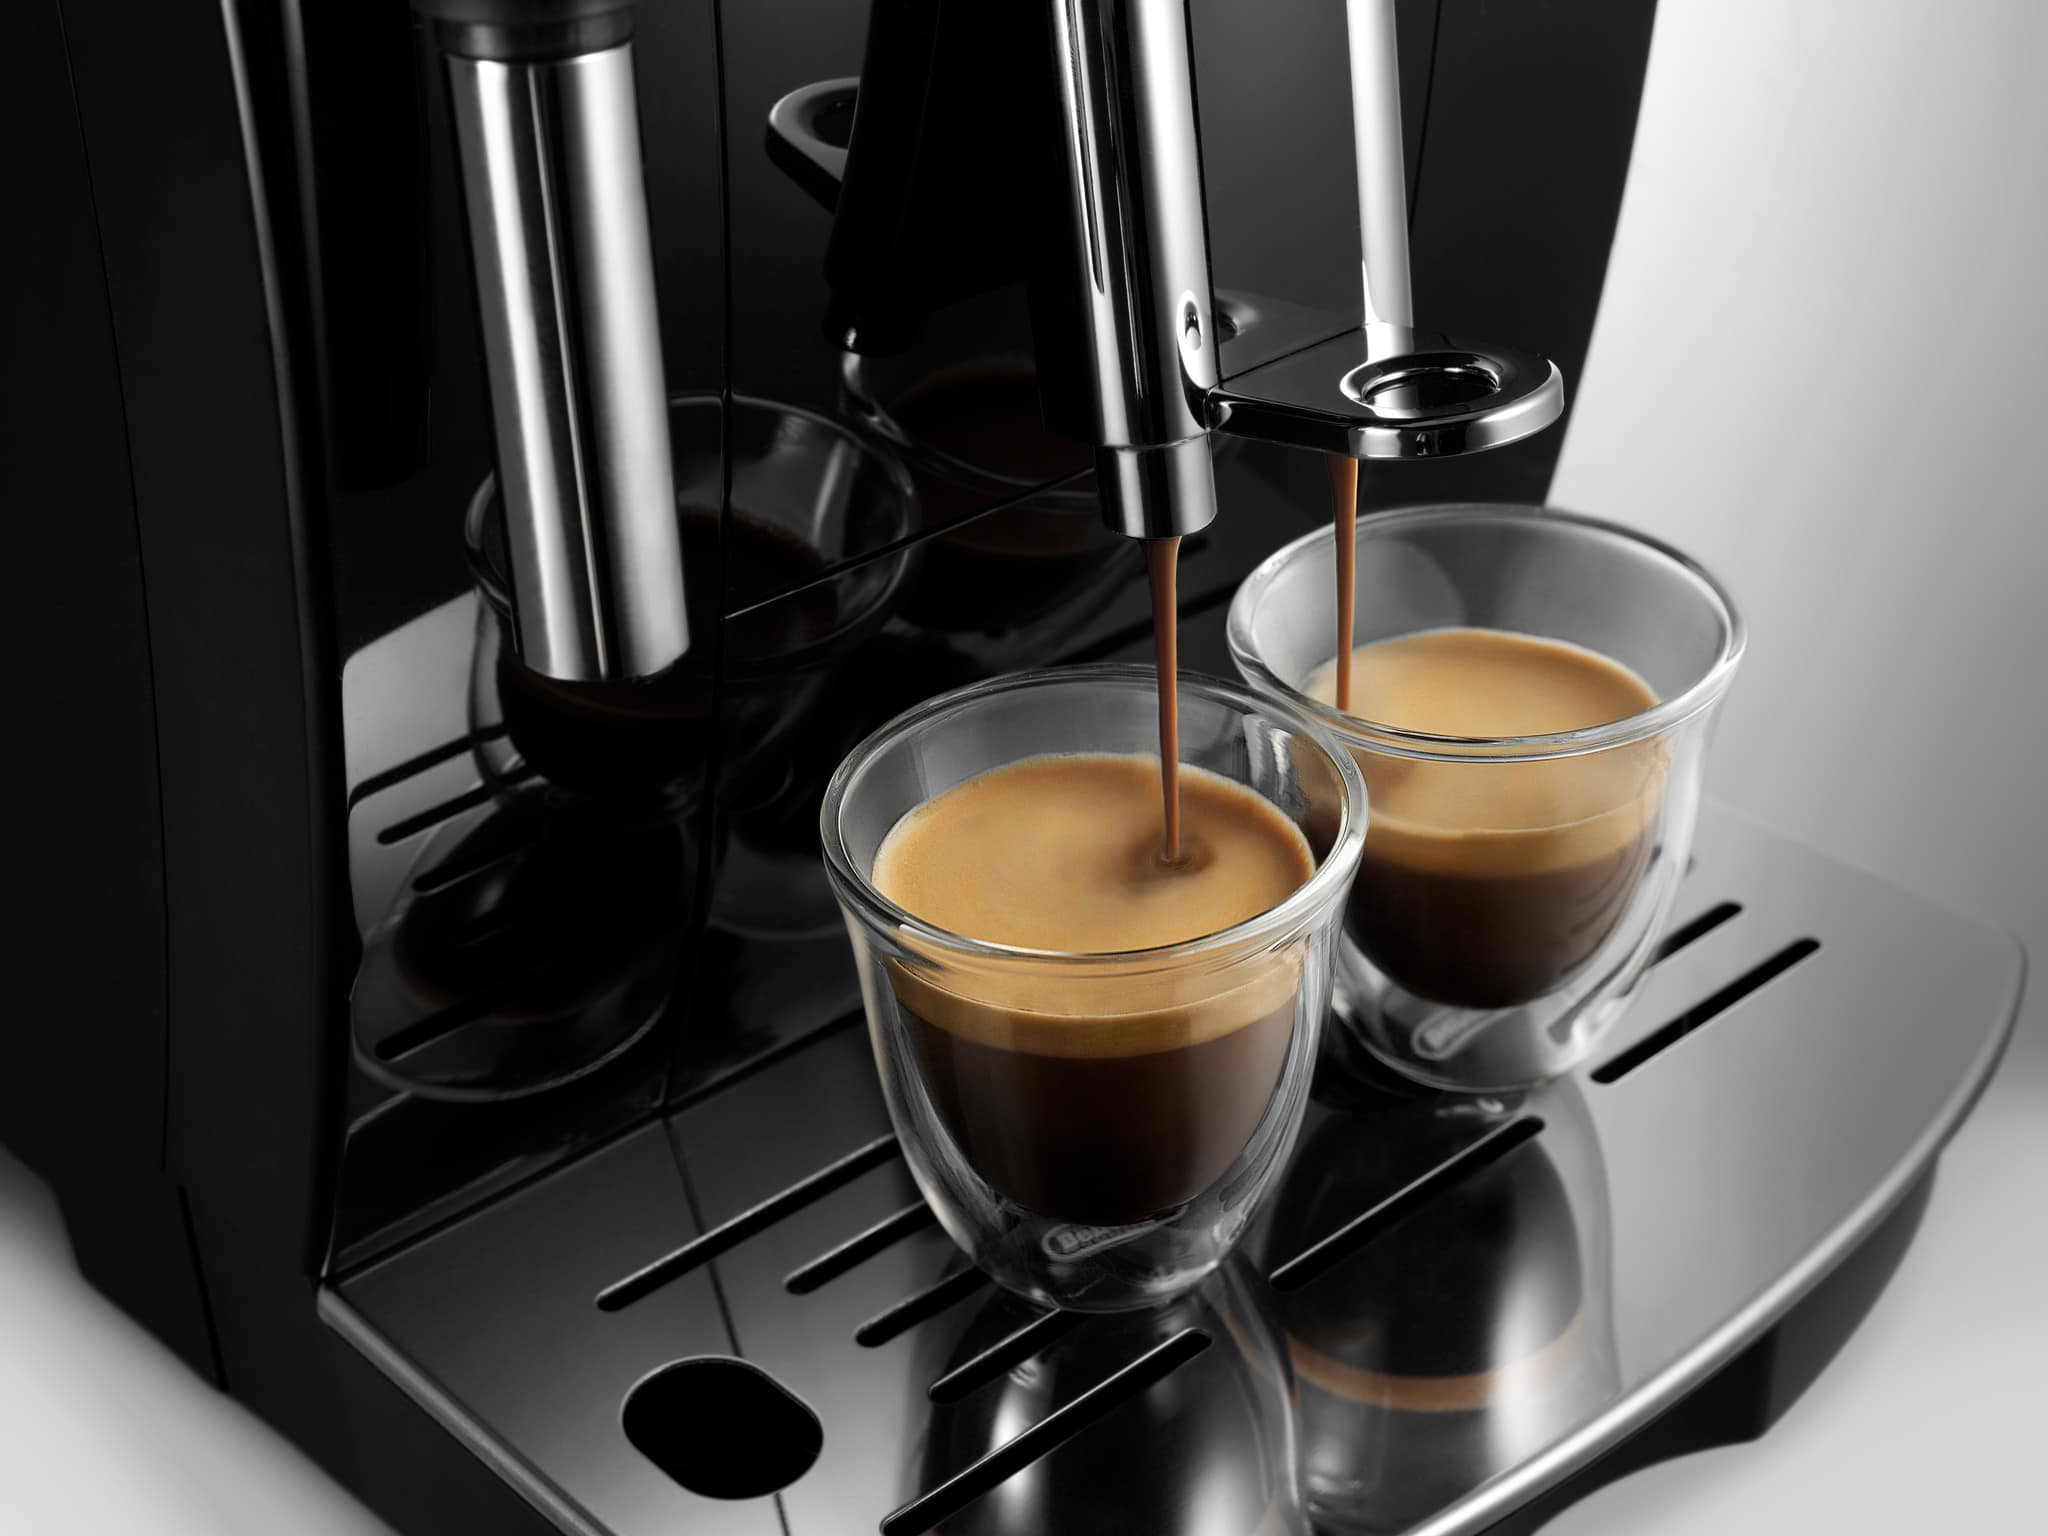 La meilleure cafetière delonghi 2020 : ecam 23 120 b